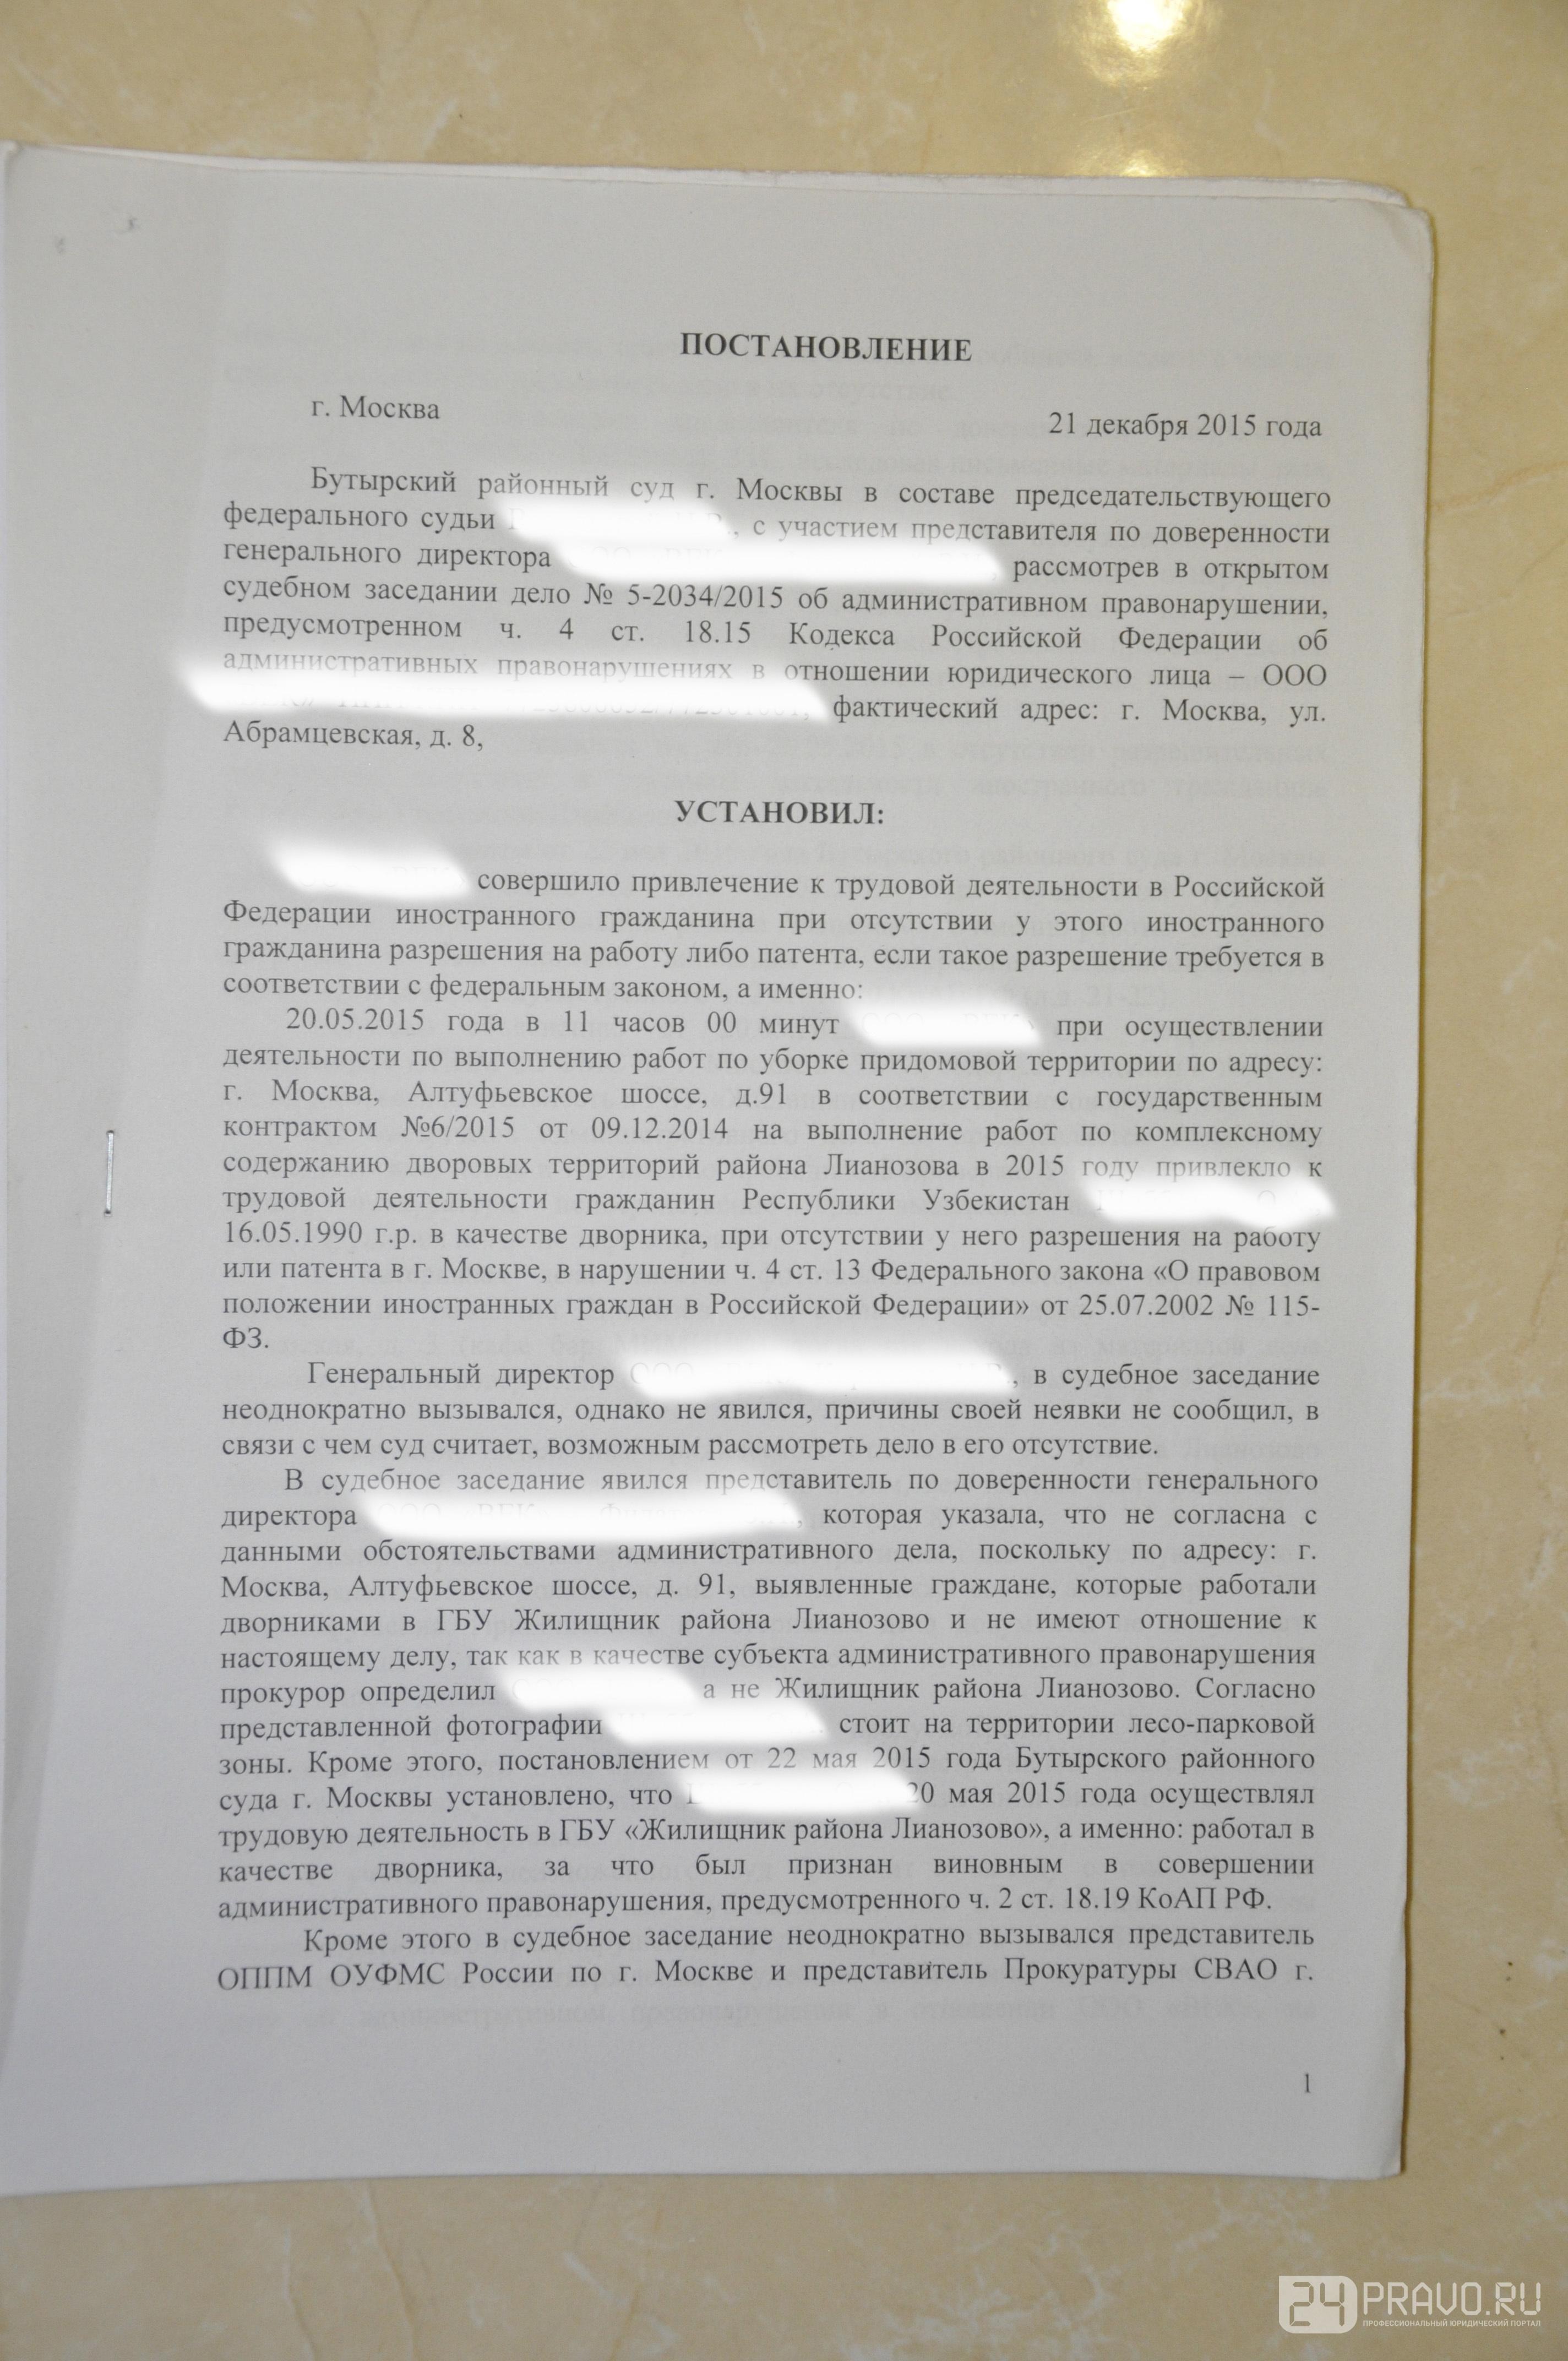 вакансии гбу жилищник москва алтуфьево скачать, нажмите красной